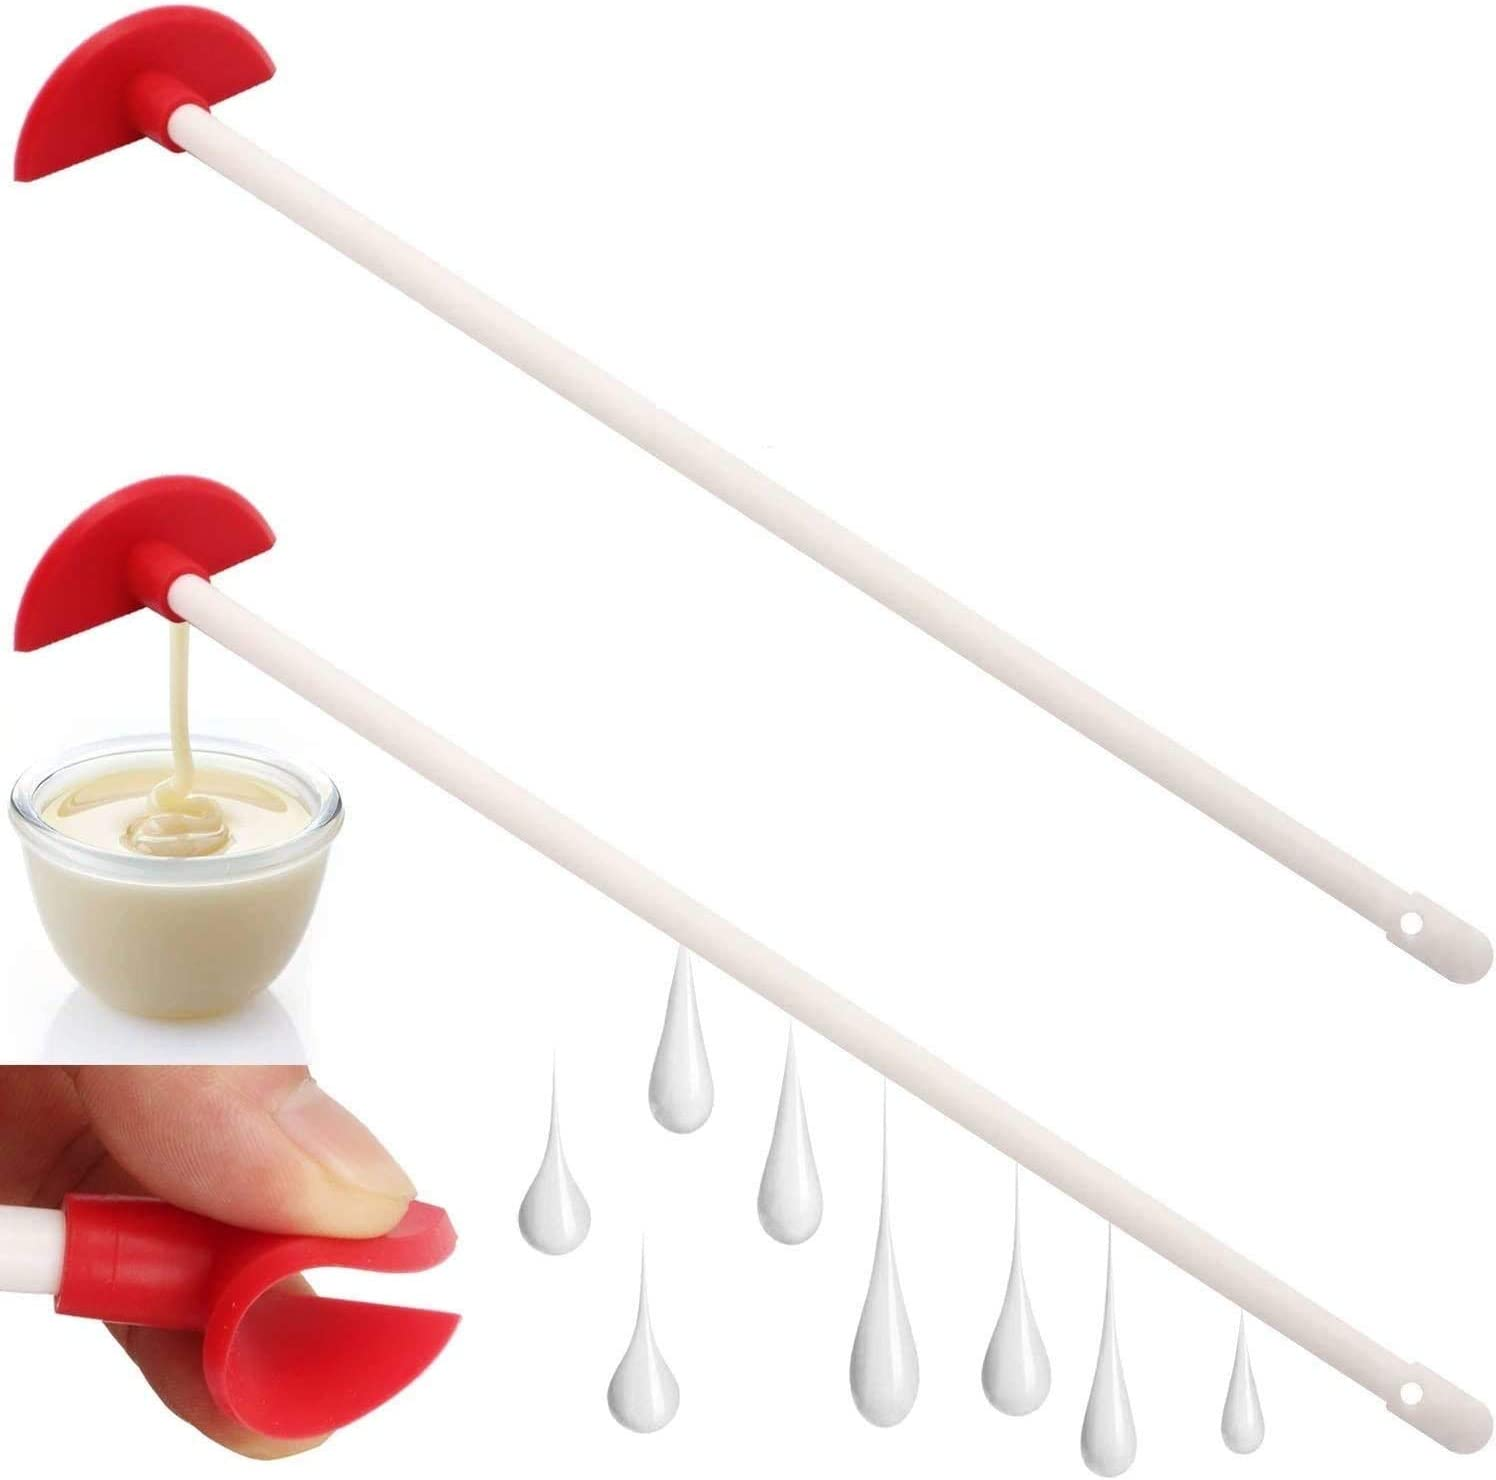 2 pcs Last Drop Silicone Mini Spatula /& Jar Scraper Scoop Long Handles Tools